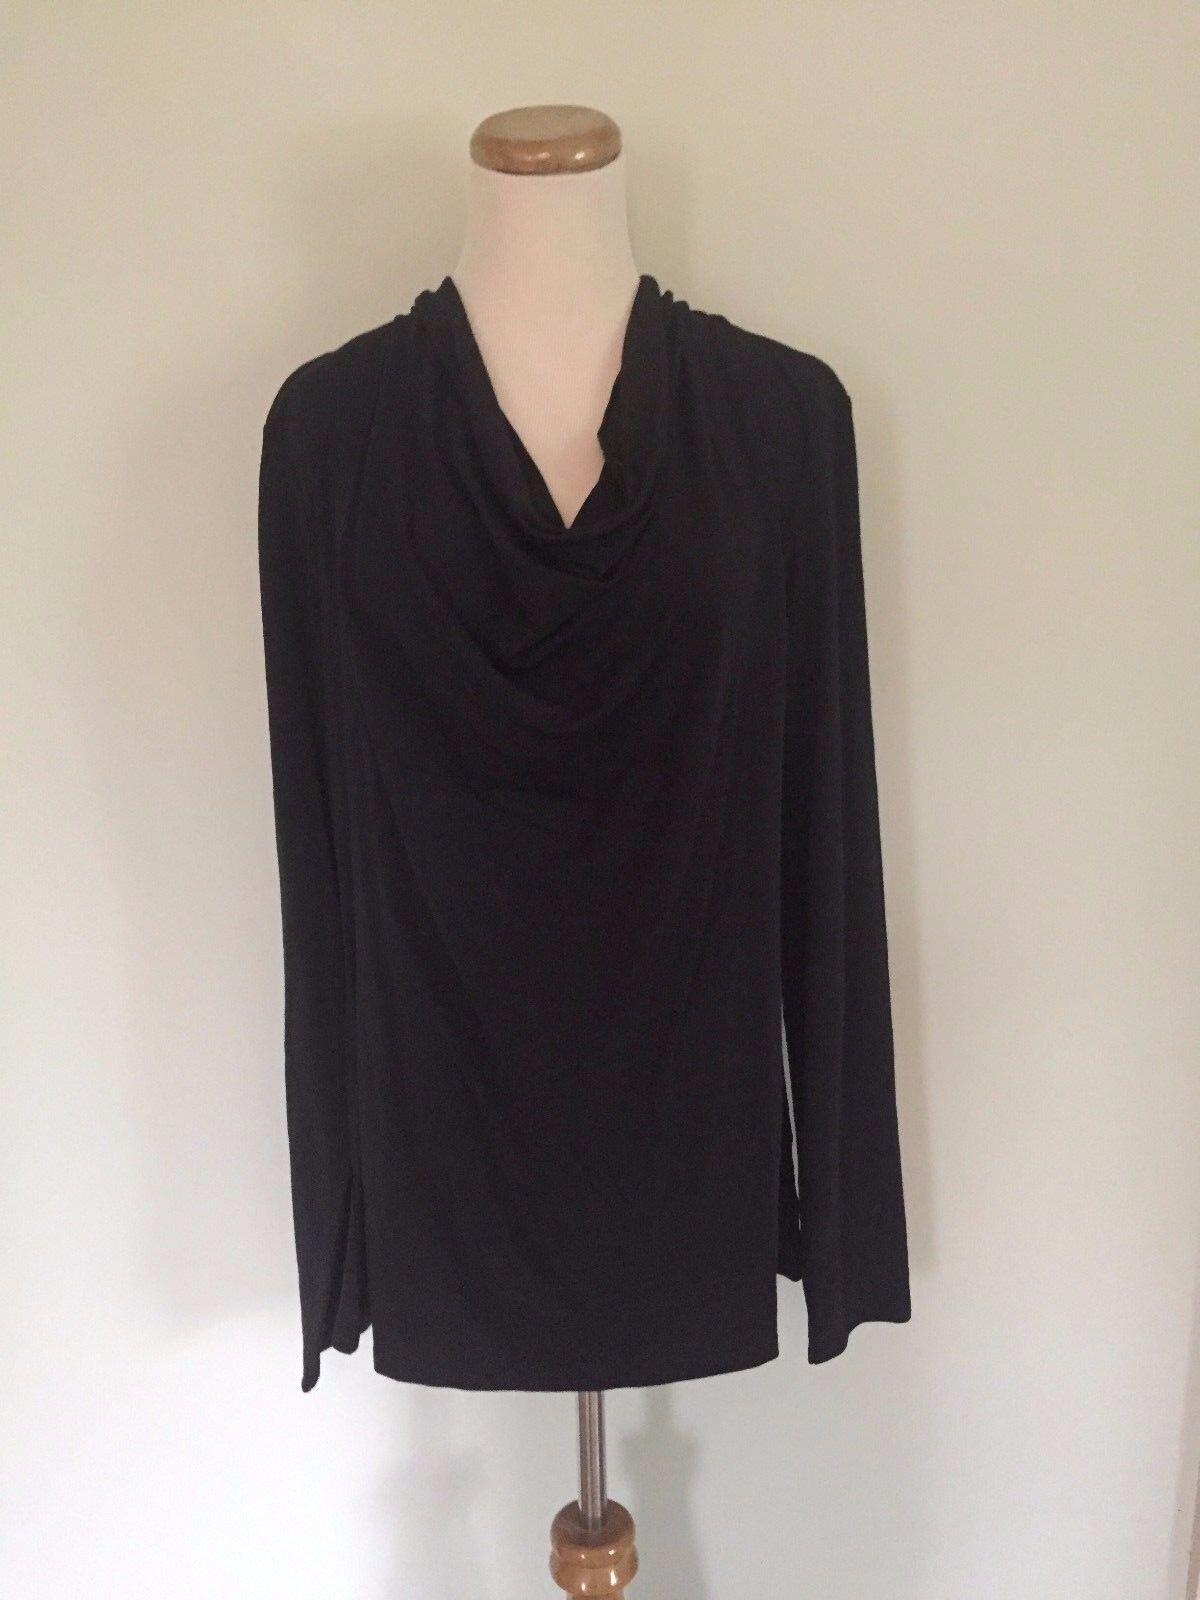 A RUBY   damen's schwarz Drapy L-Sleeve Cowl Neck Top Sz  L NWT Free Shipping